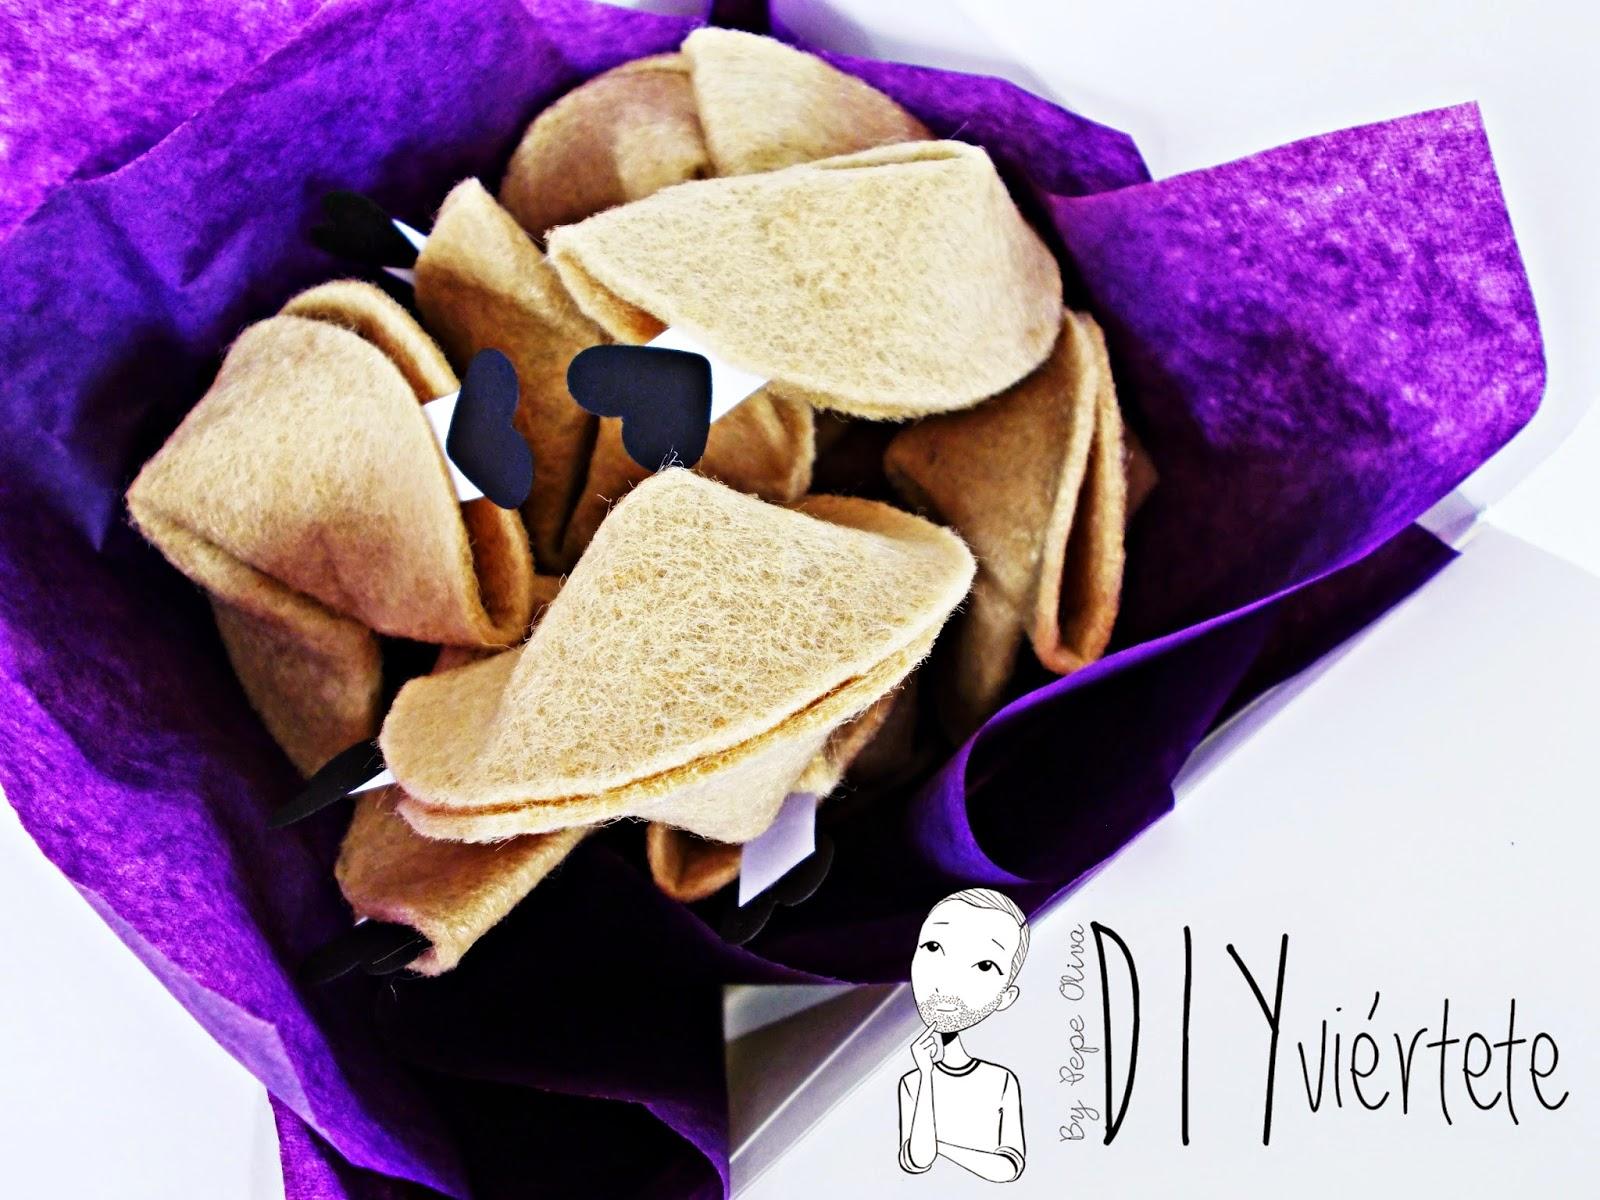 #BLOGERSANDO-diy-propósitos 2015-propósitos año nuevo-galletas de la fortuna-fieltro-papiroflexia-japonés-galletas de la suerte-deseos-2